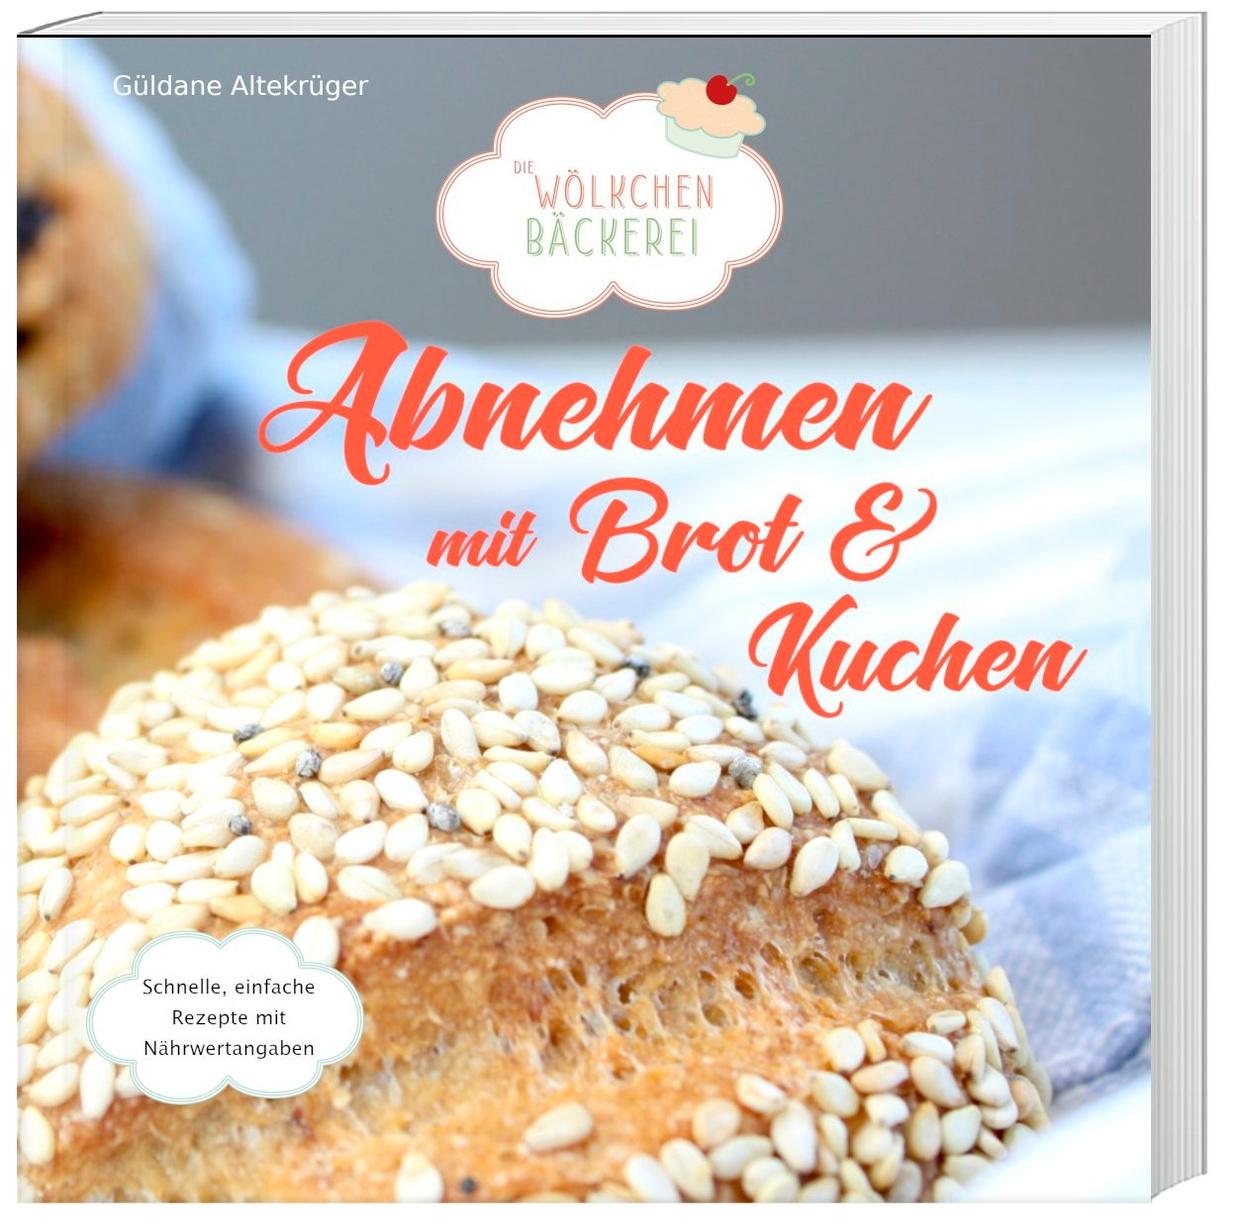 mit kuchen abnehmen - hobbybäckerin schreibt bestseller